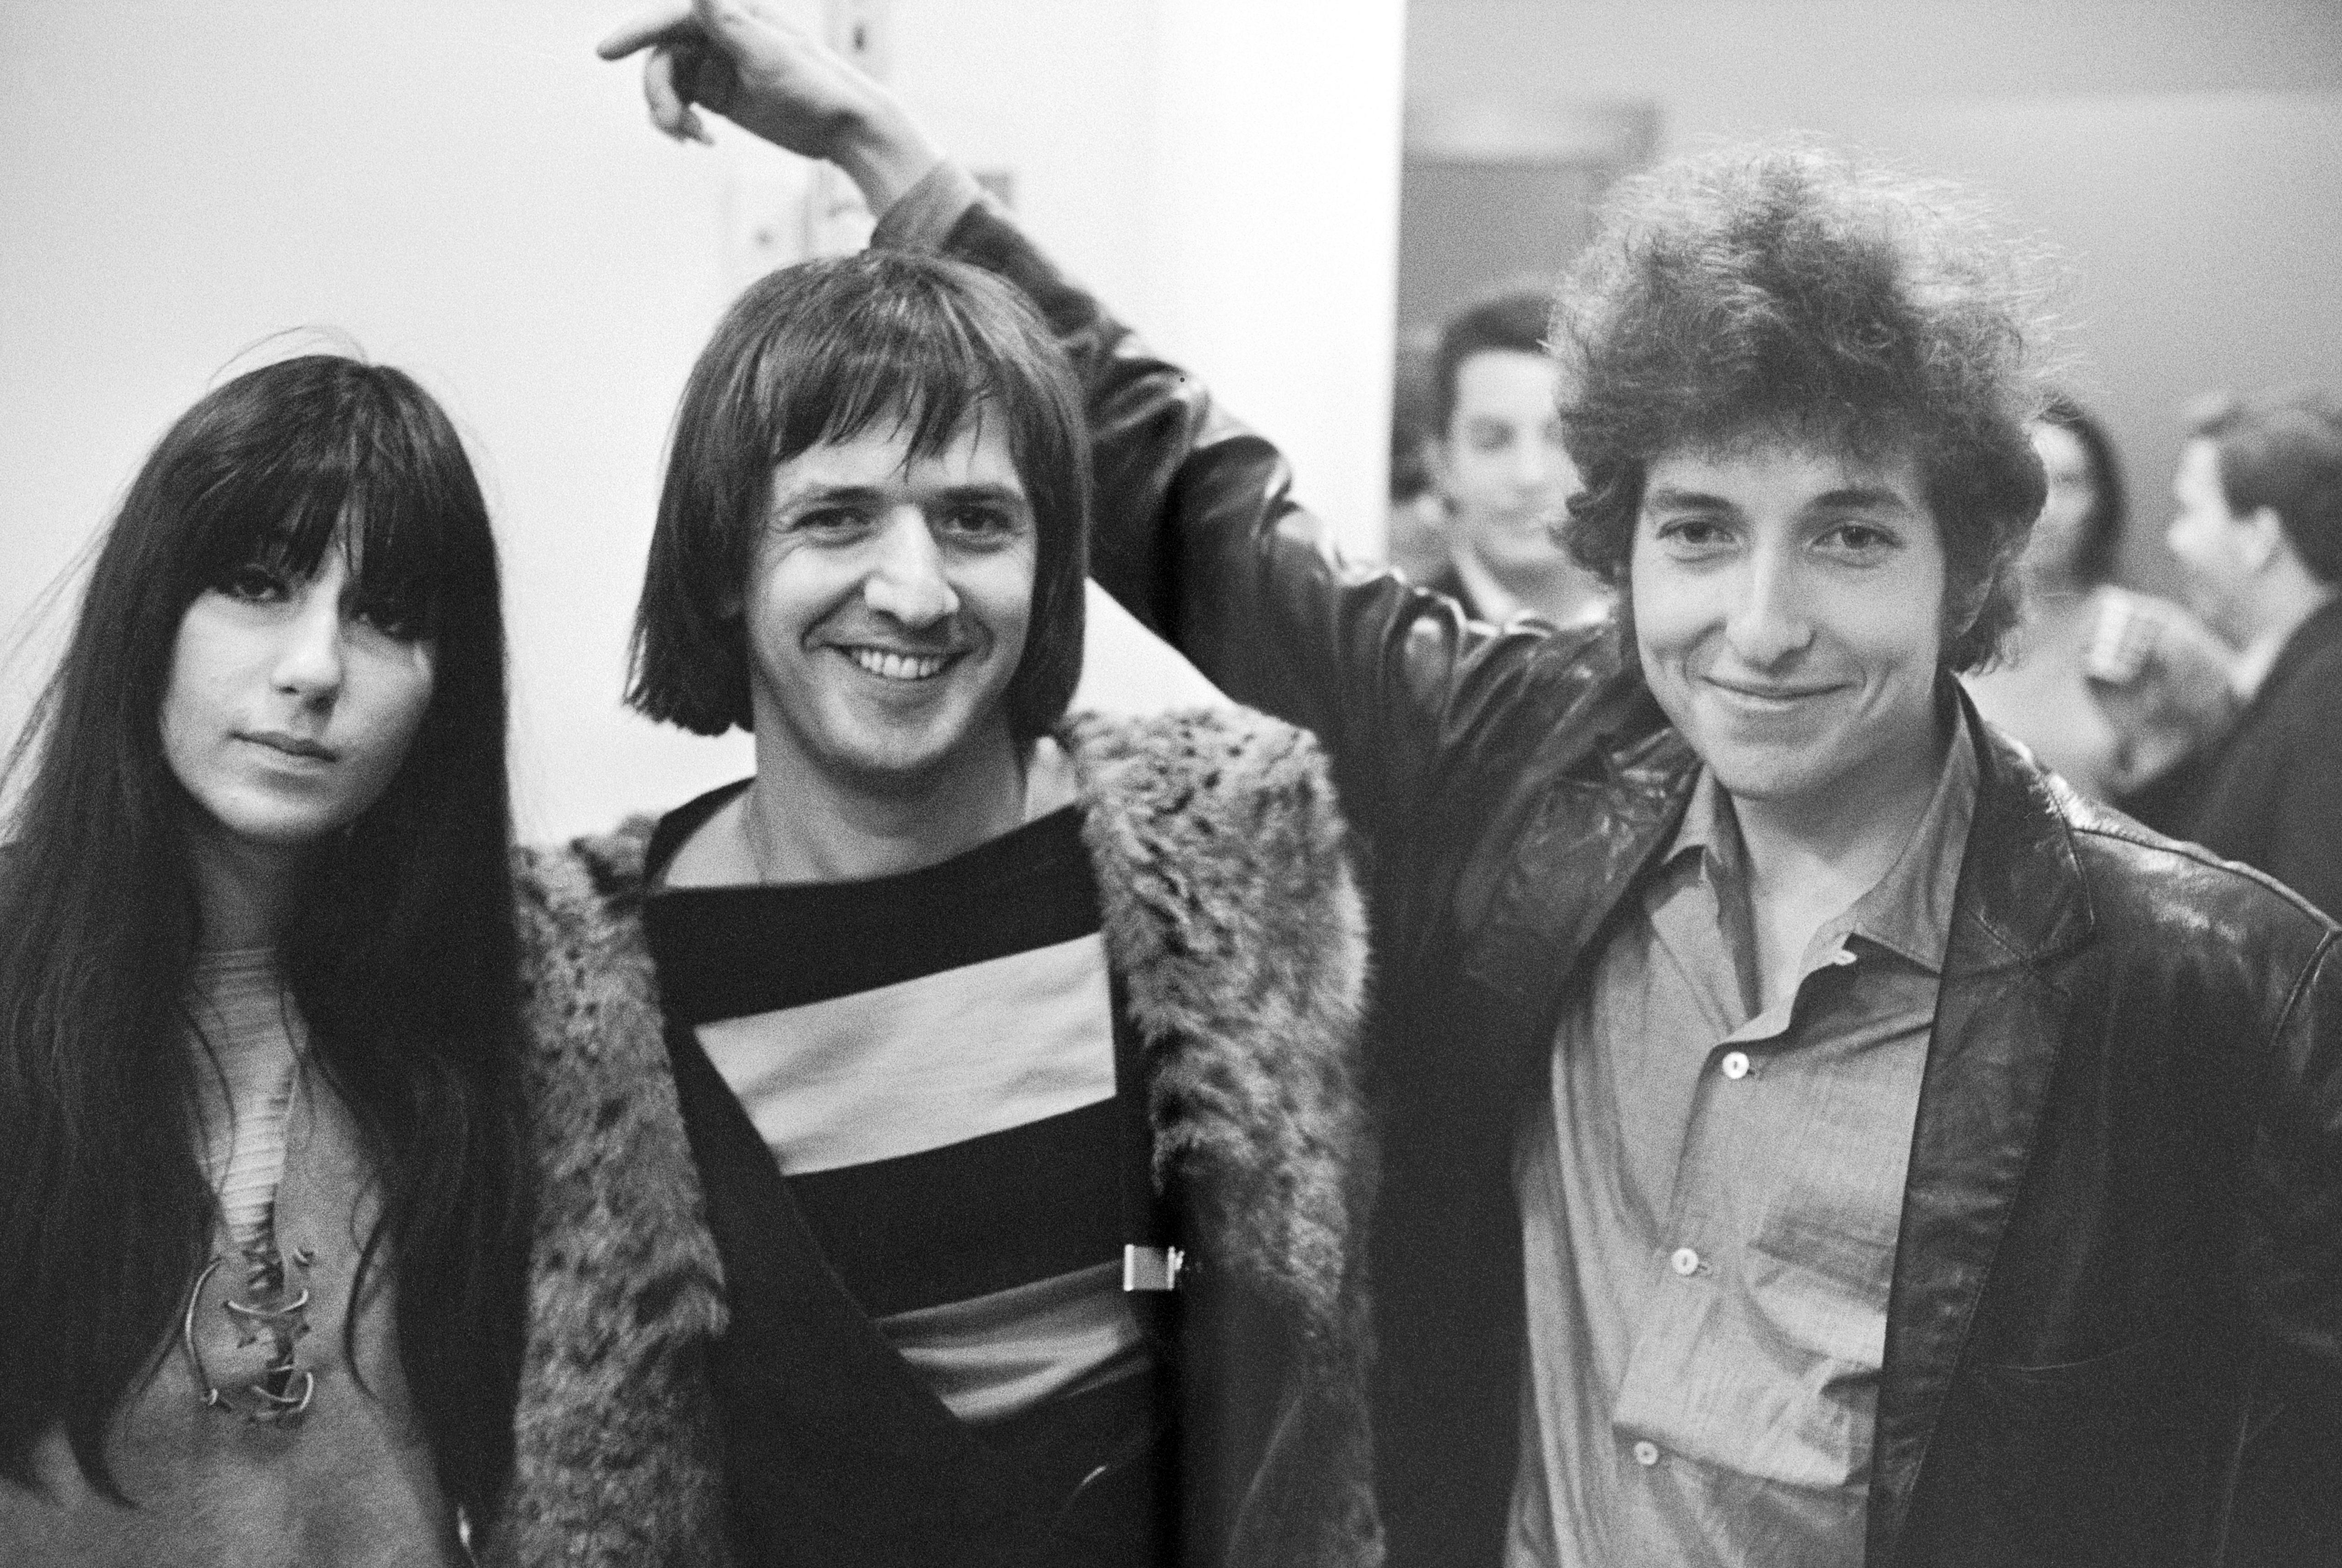 Cher, Sonny, Dylan